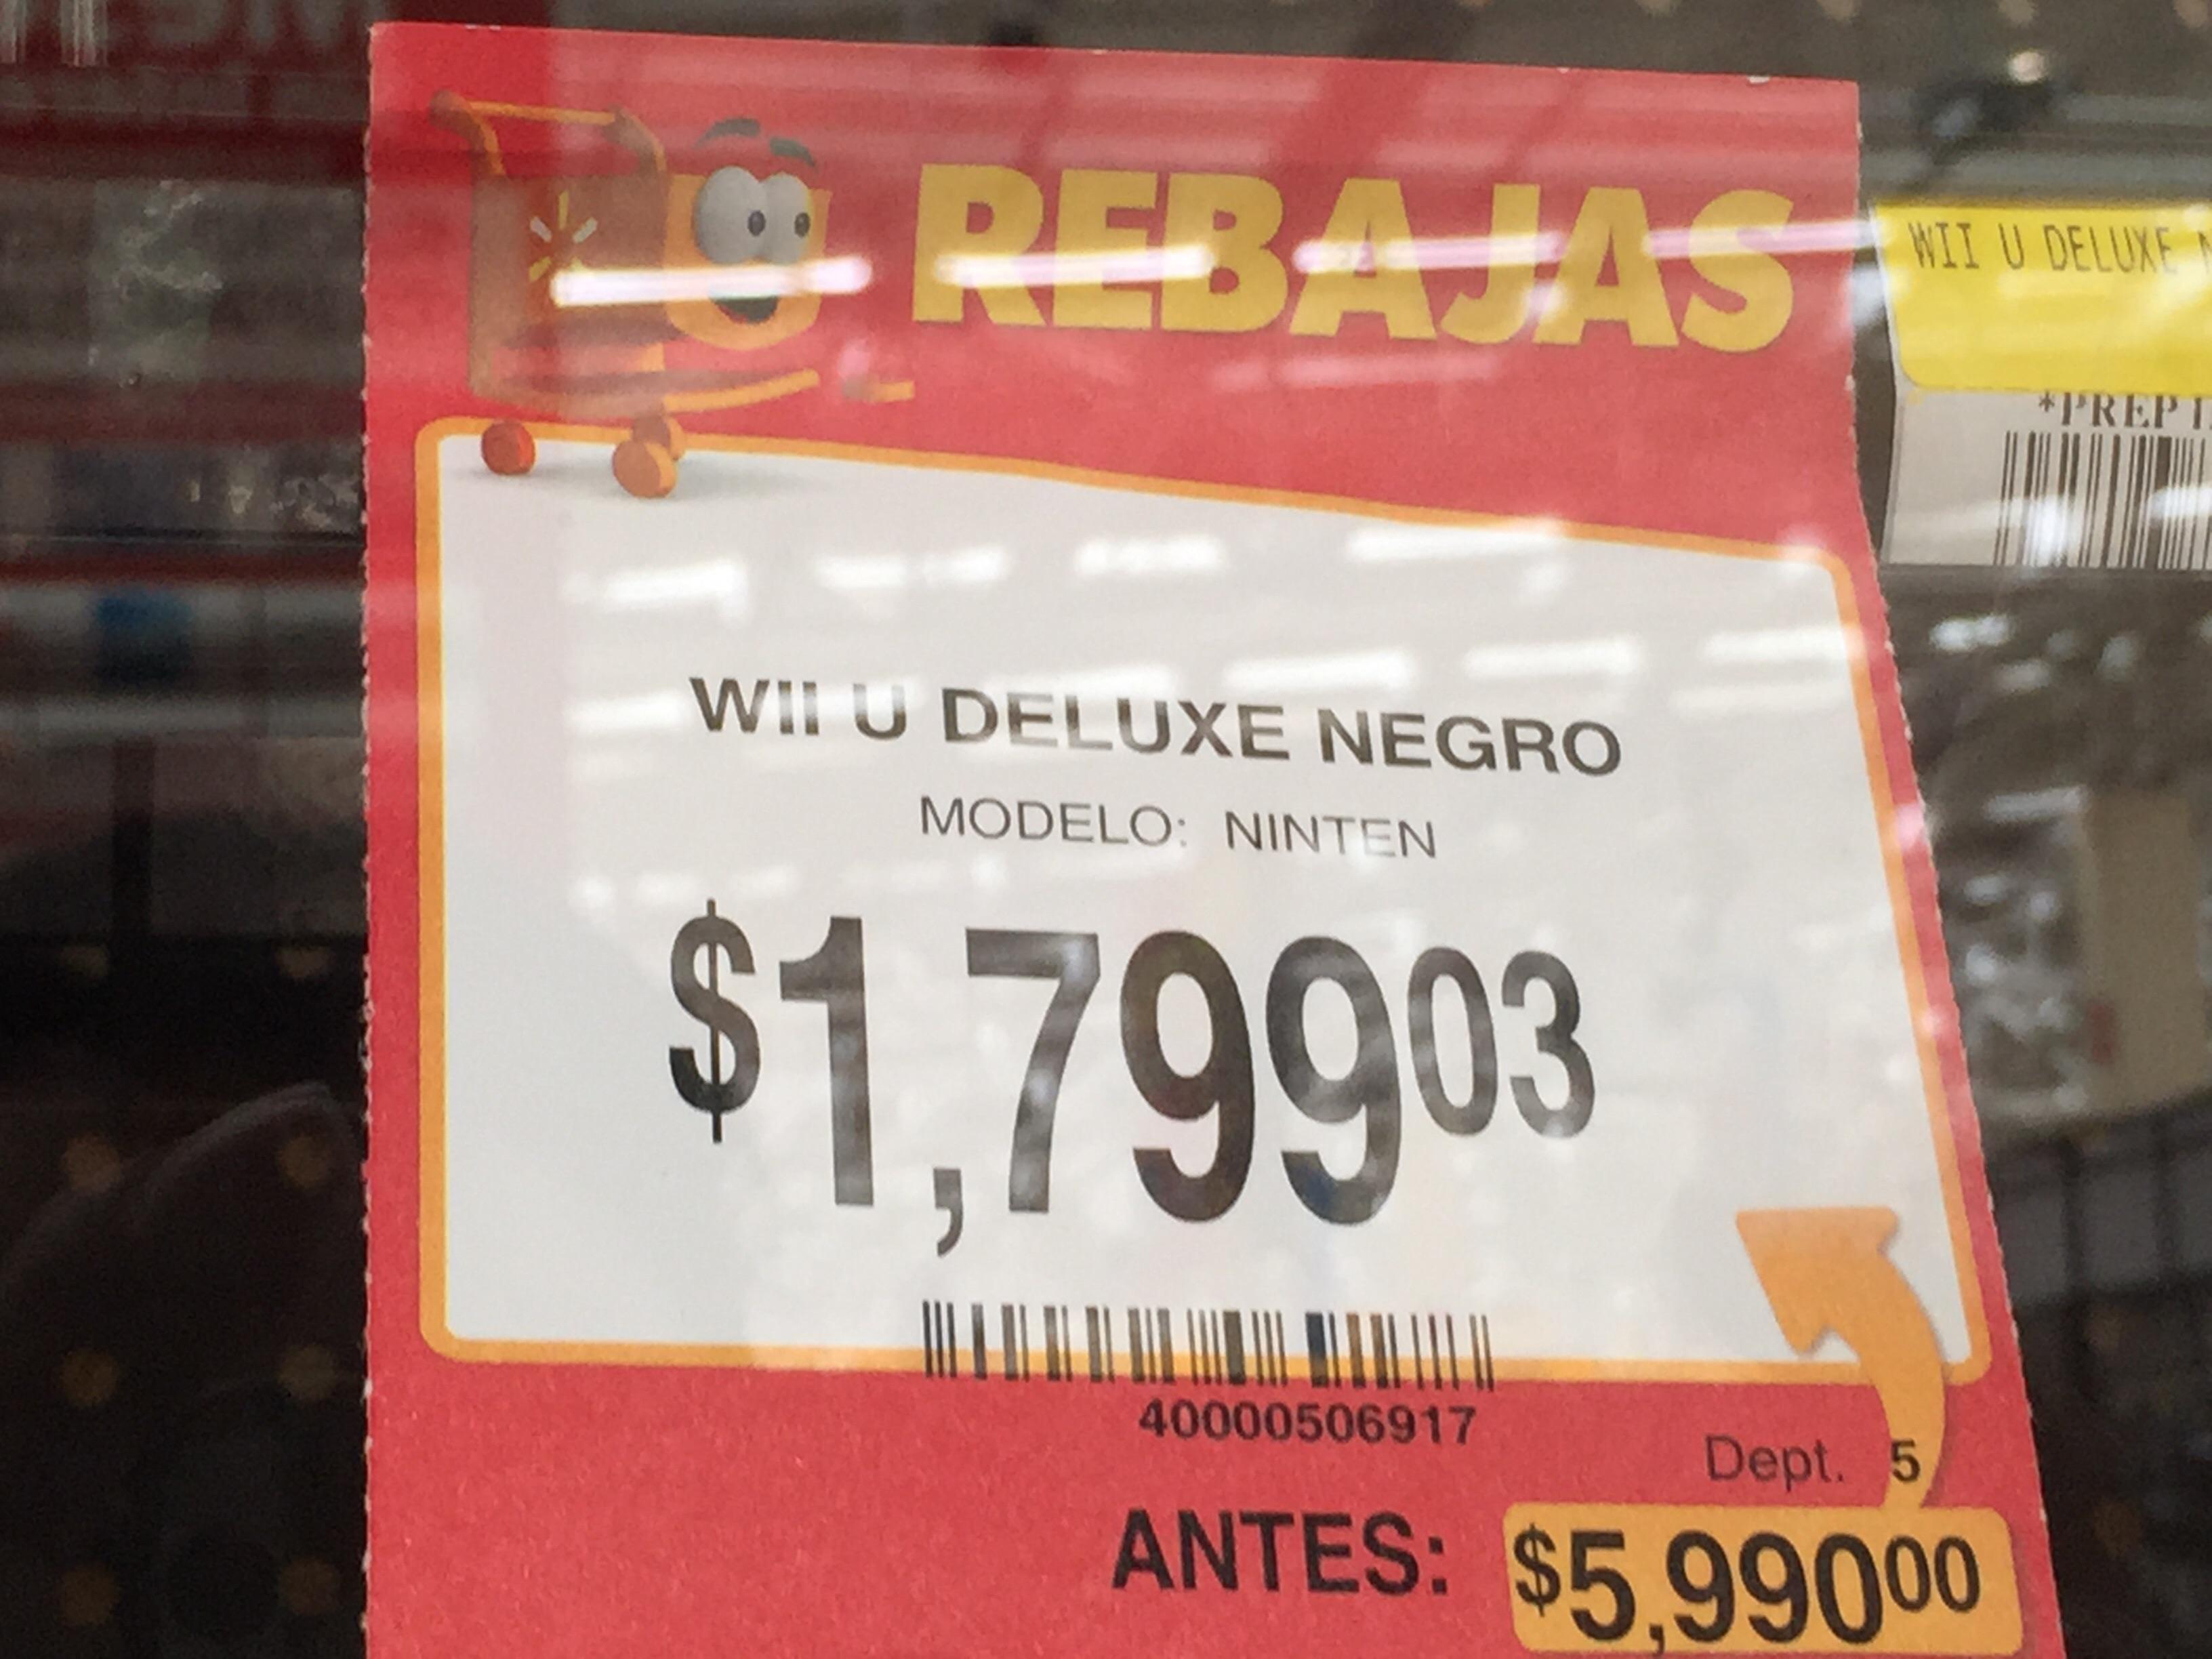 Walmart: Wii u deluxe $1,799.03